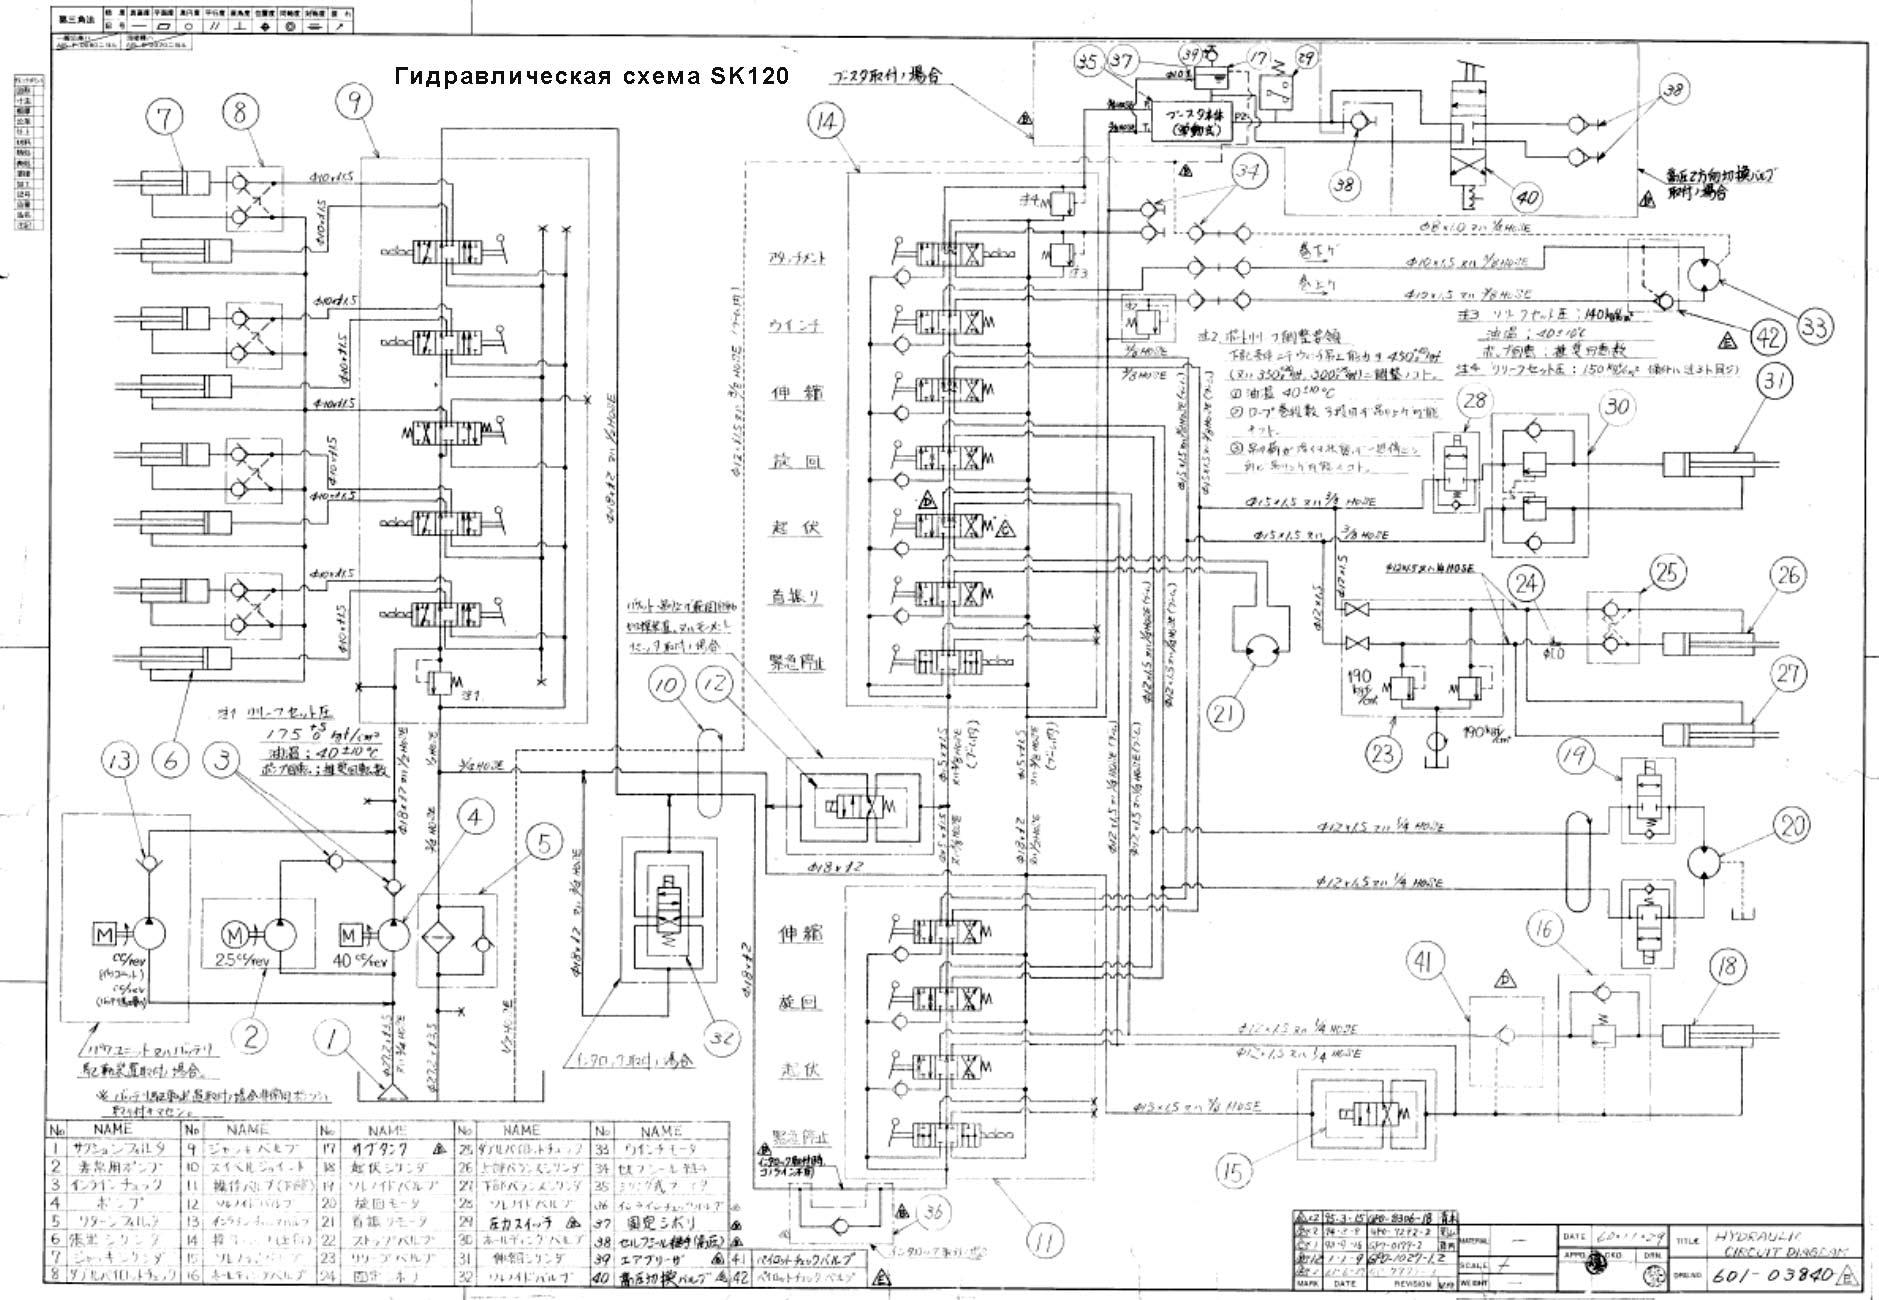 Схема гидравлического манипулятора